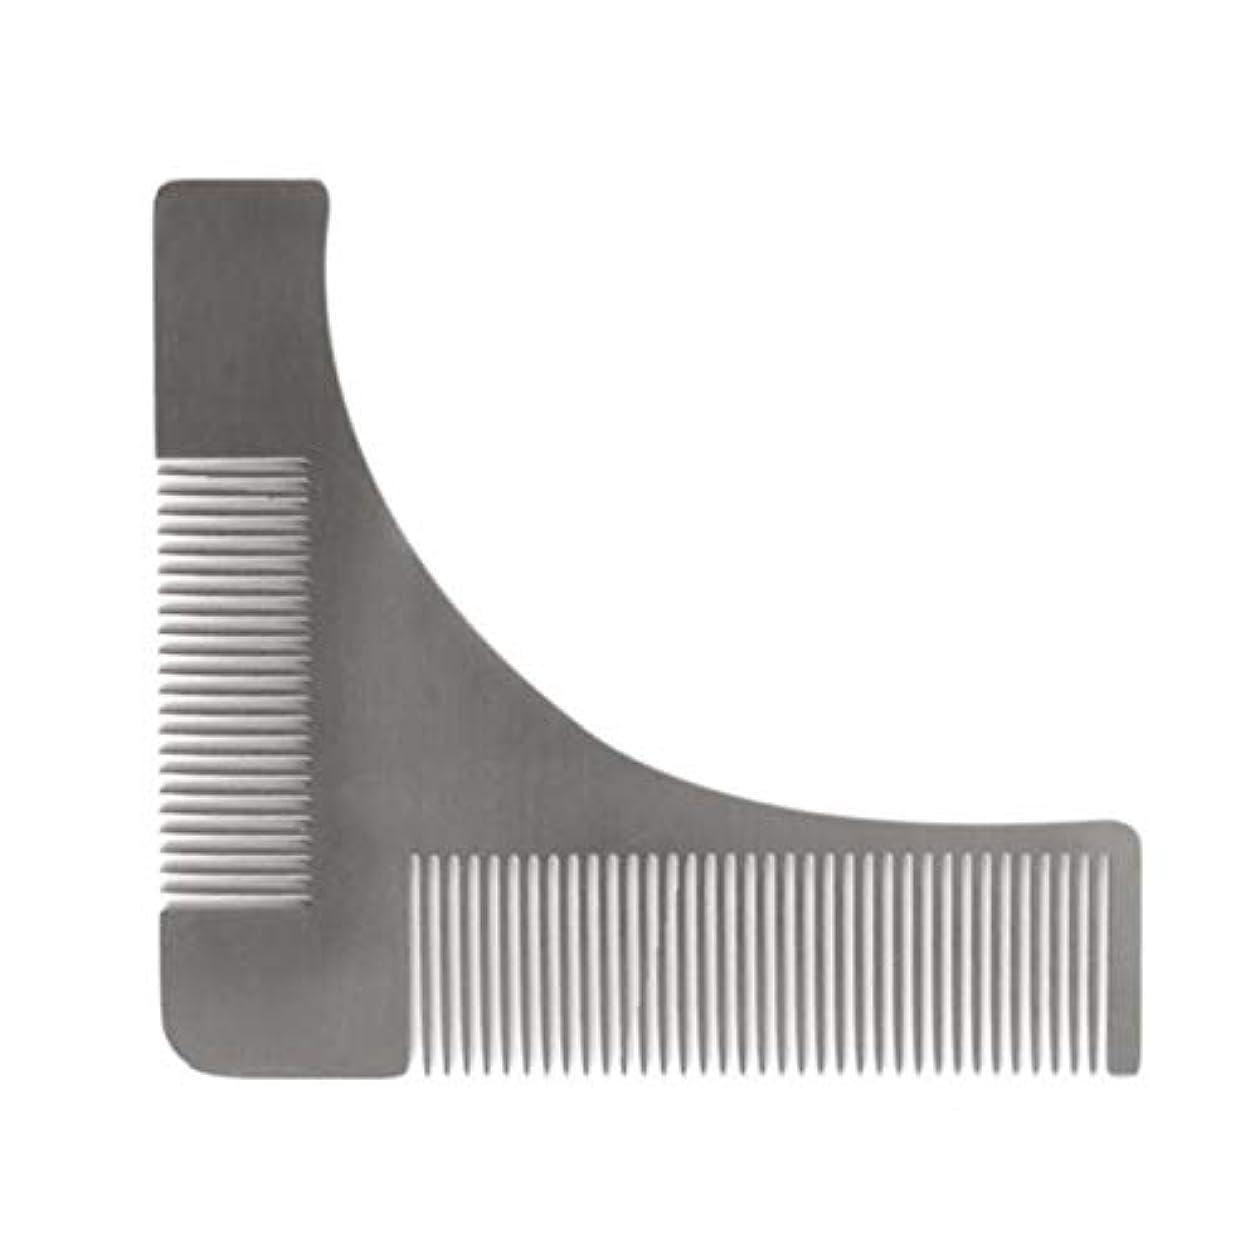 可塑性膨張するしかしながらSaikogoods 頬顎口ひげのためのステンレス鋼 ビアードトリミングくし シェーピングスタイリングテンプレート 紳士ヒゲトリマーツール 銀